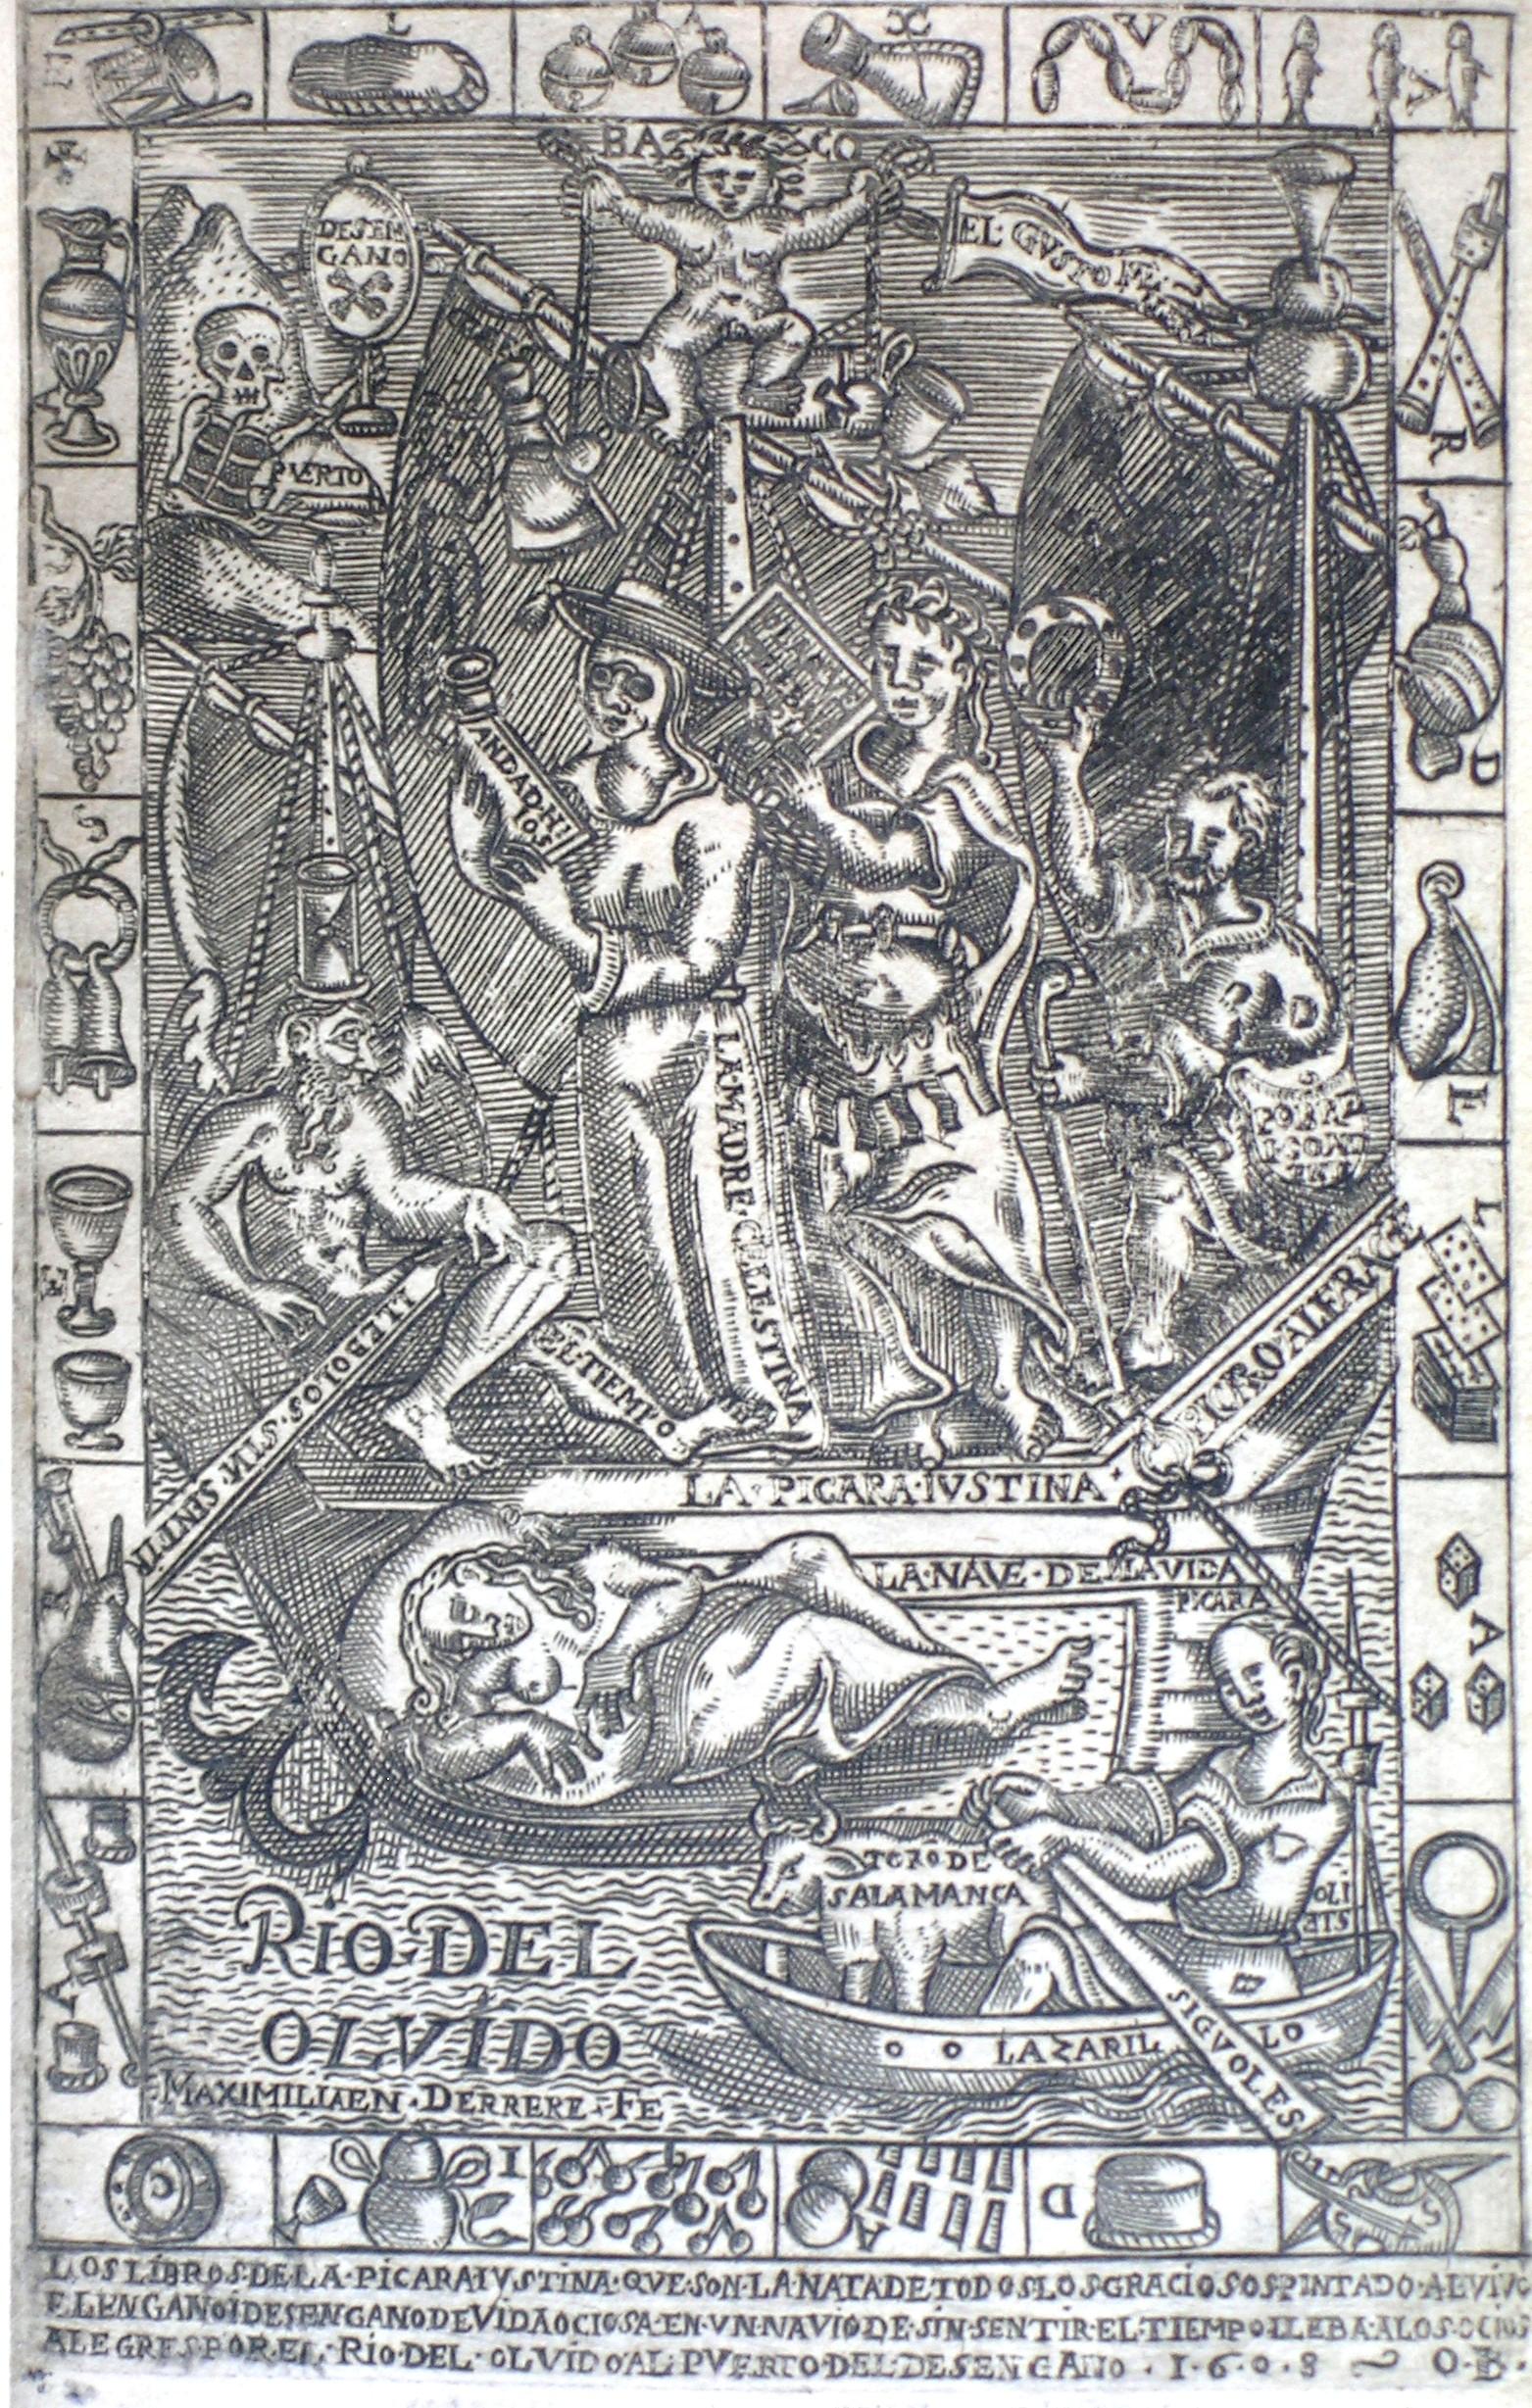 Libro de entretenimiento de la picara Iustina, 1608